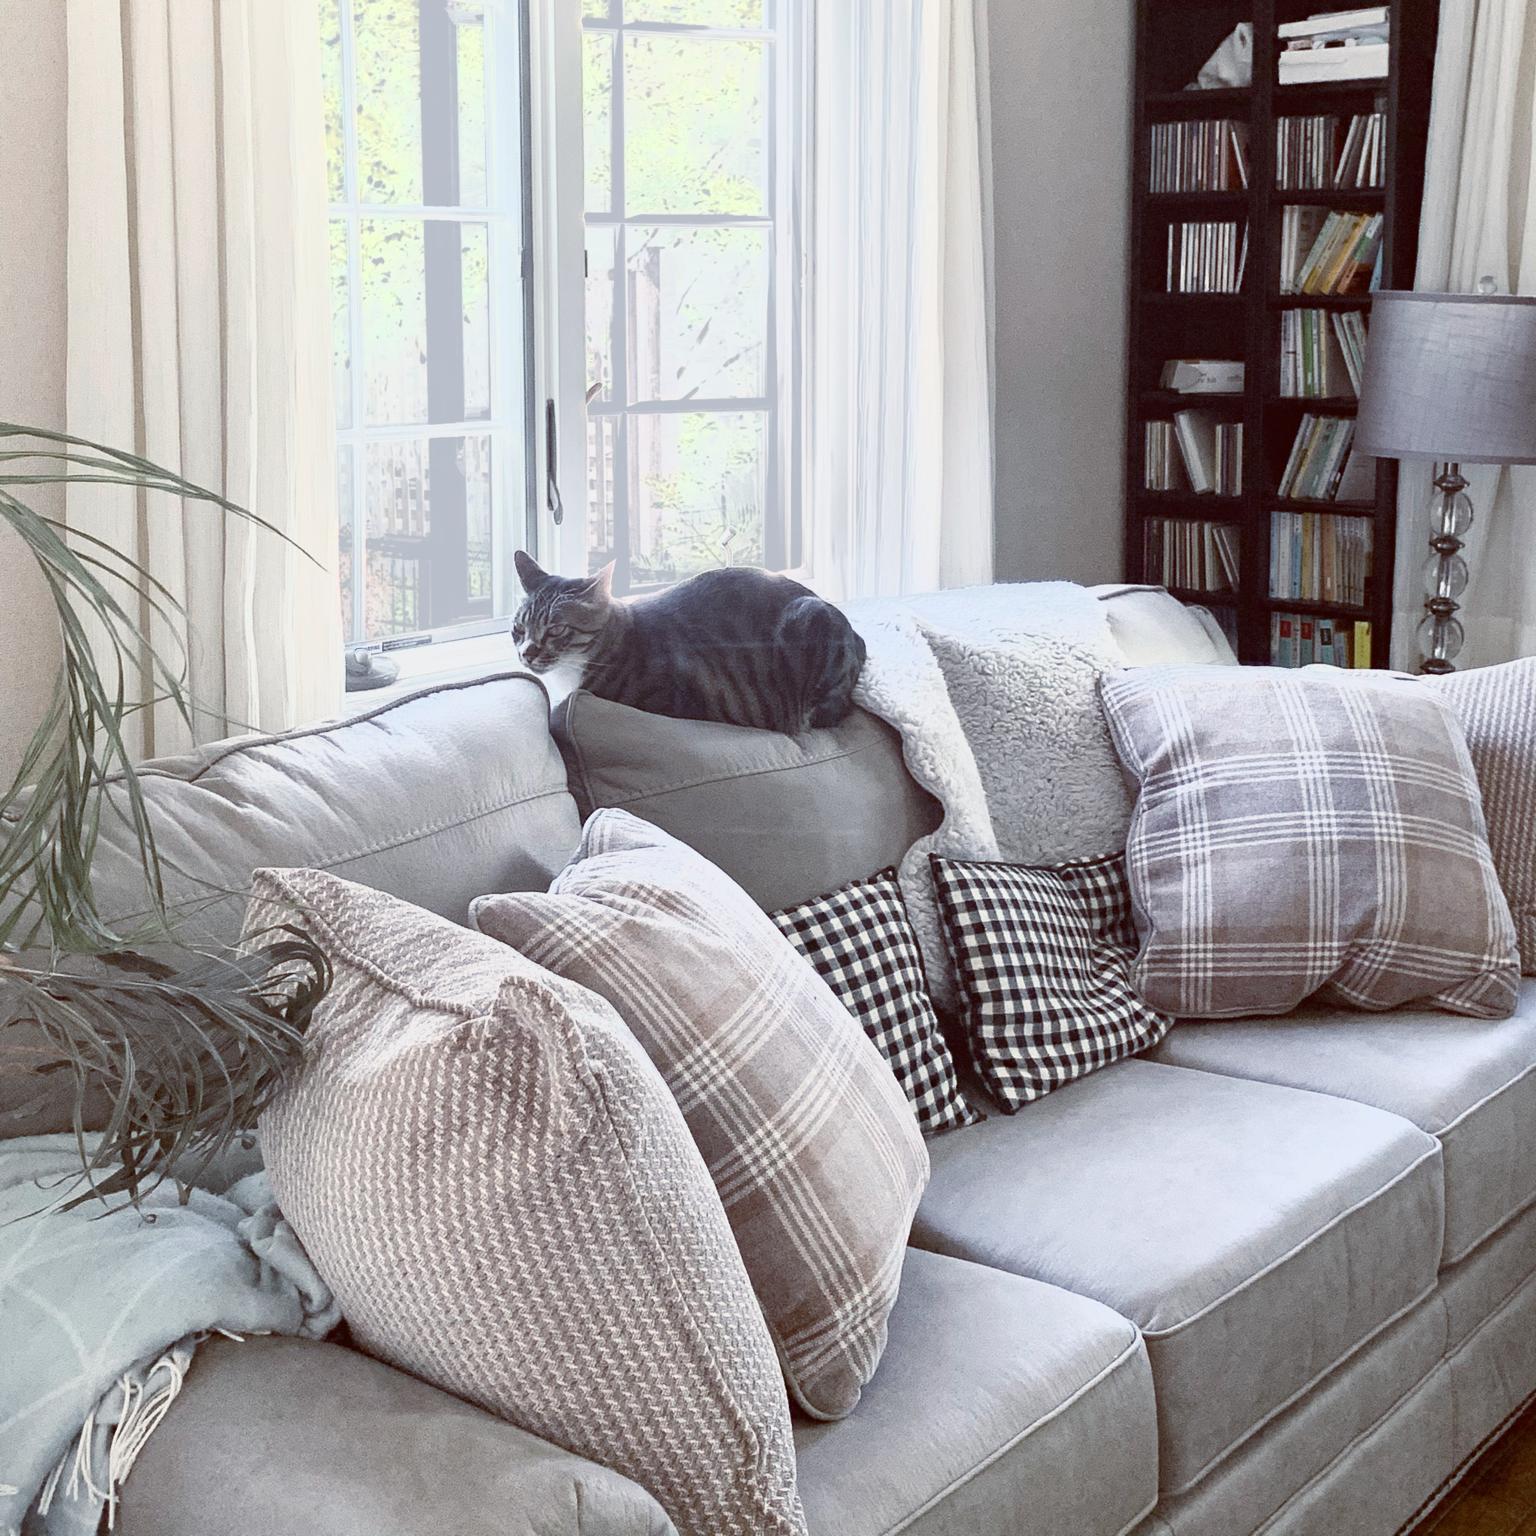 Ashley furniture/洋書/輸入住宅/海外インテリア/オーダーカーテン...などのインテリア実例 - 2021-04-22 11:35:05